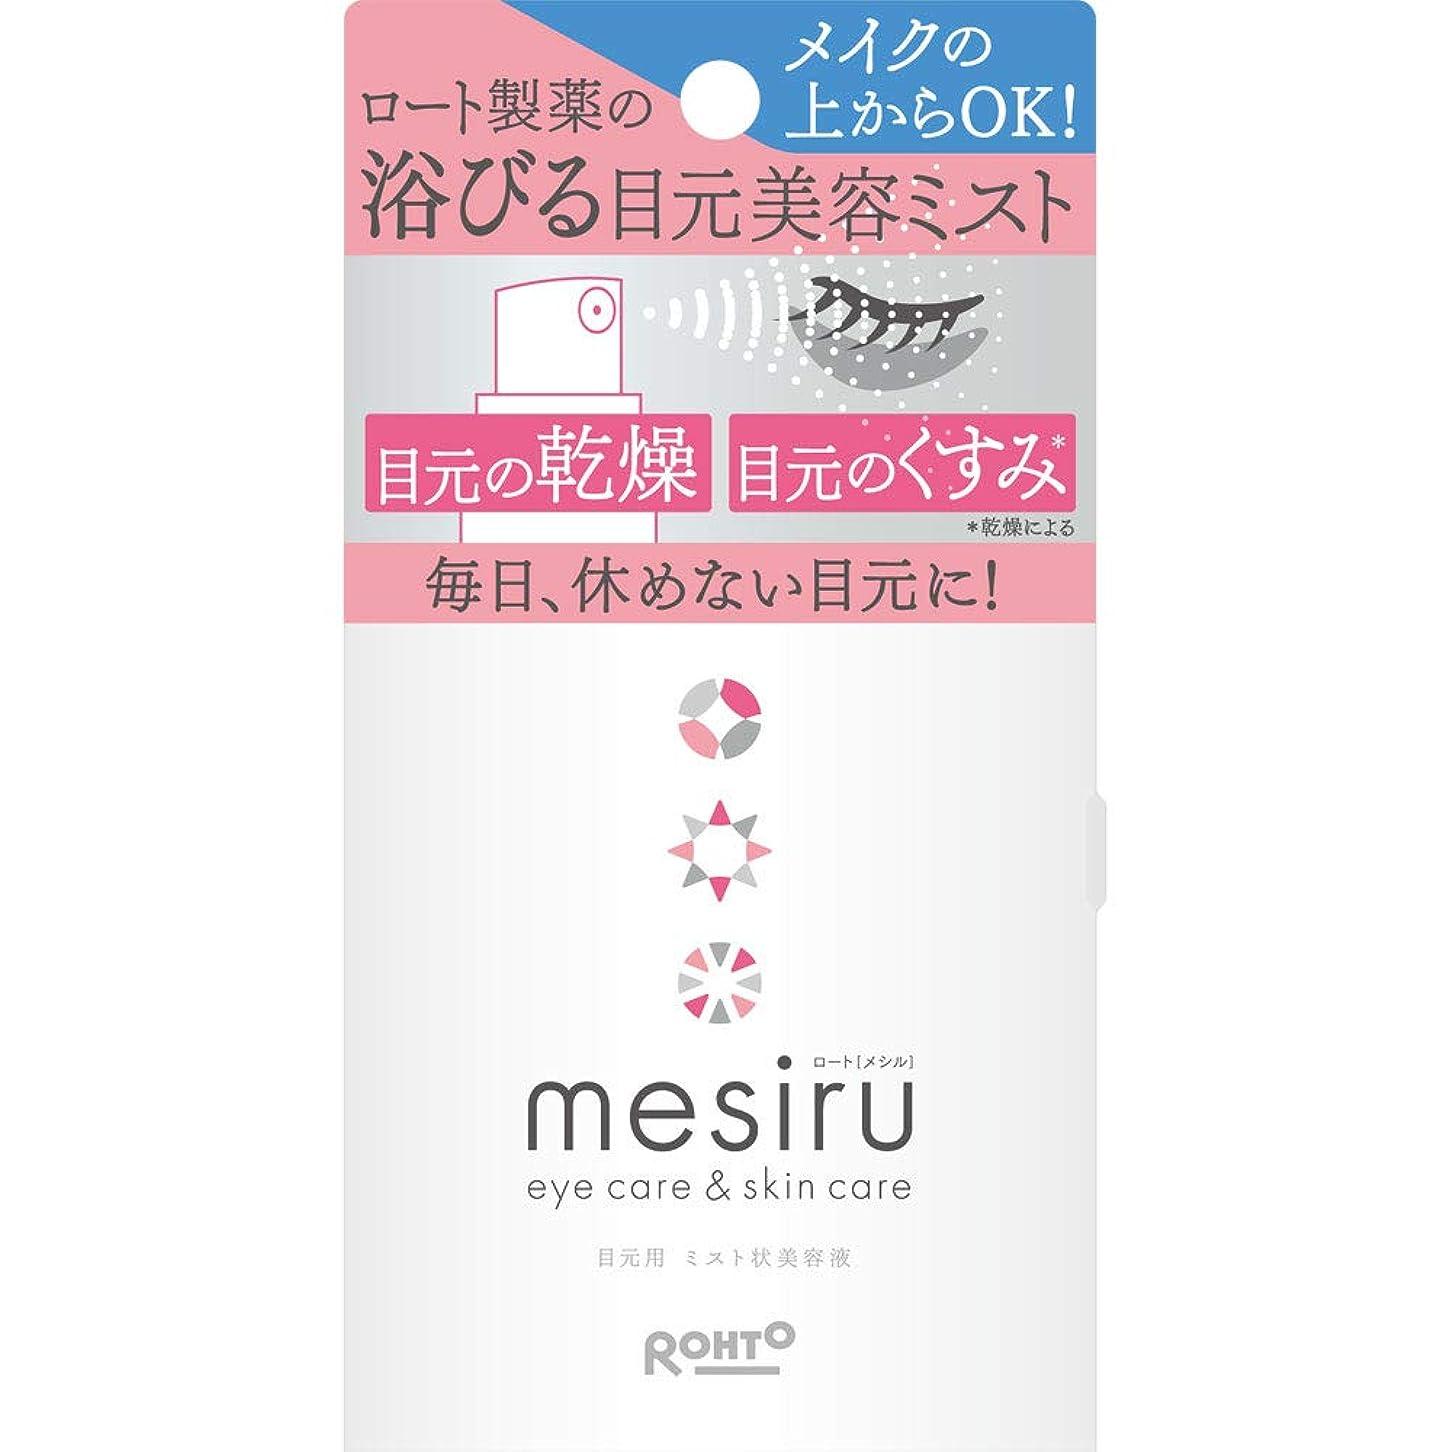 上下する証明書クローンメシル(mesiru) 目元美容スキンケアミスト 目元の乾燥?くすみ対策